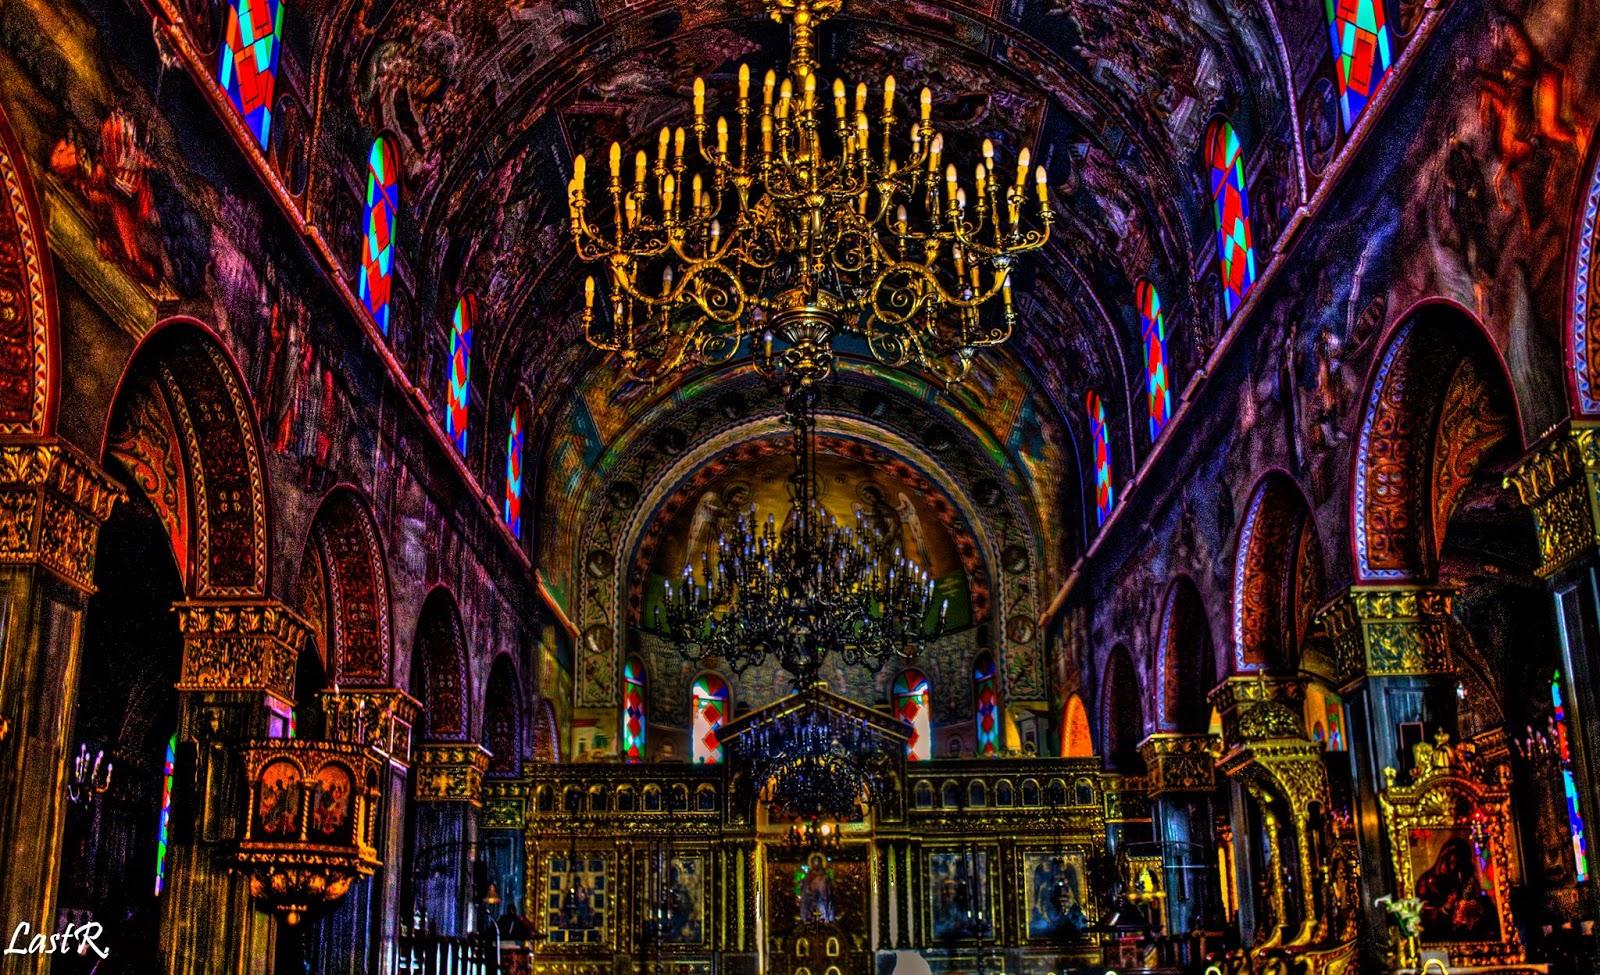 Ο Ναός του Αγίου Διονυσίου στην Ζάκυνθο. Photo Credit: Last Reflection